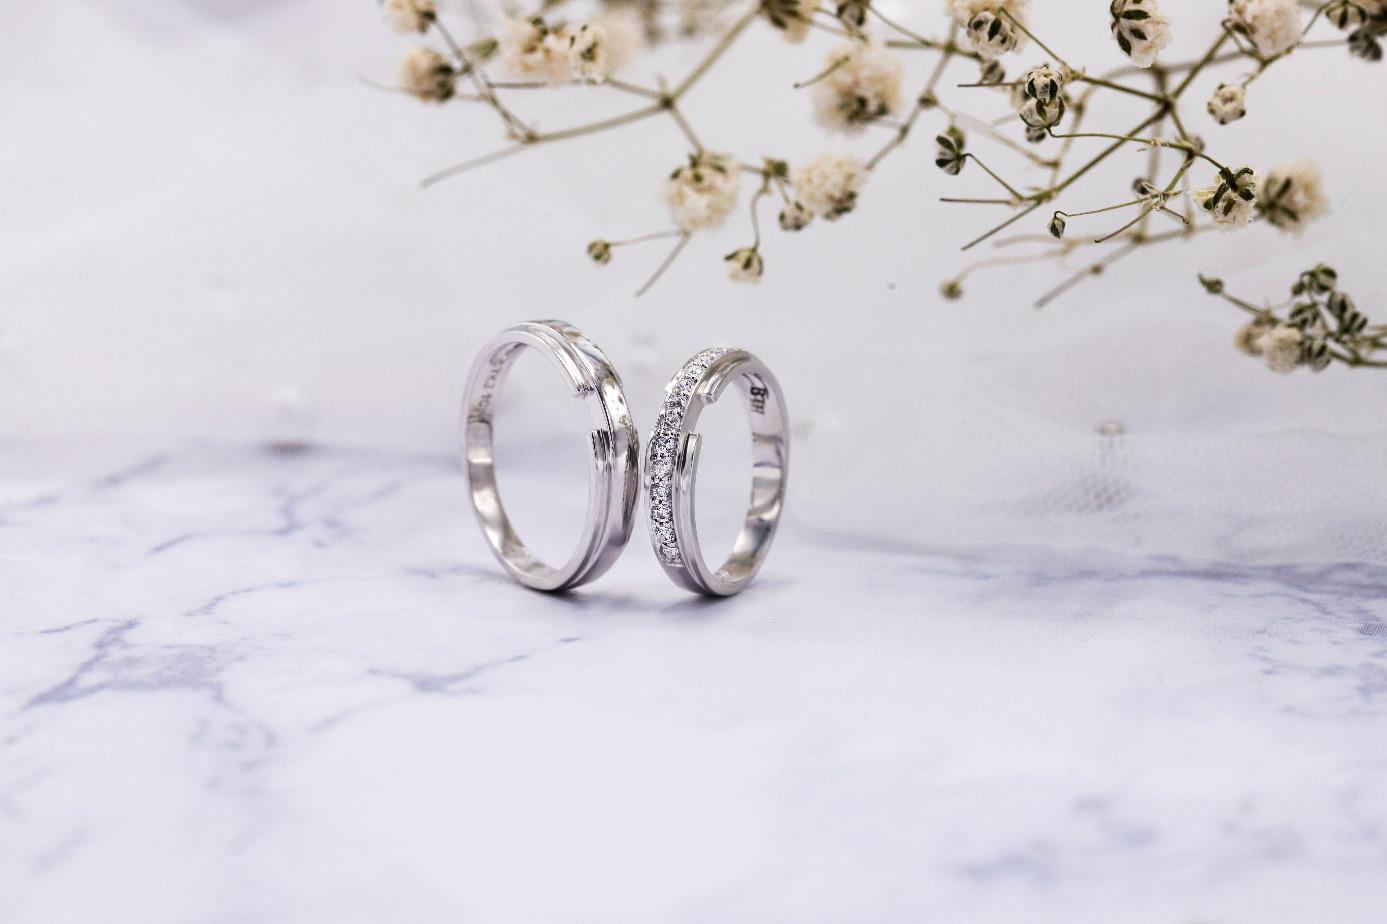 Xu hướng nhẫn cưới đơn giản và tinh tế lên ngôi đầu năm 2021 - Ảnh 2.